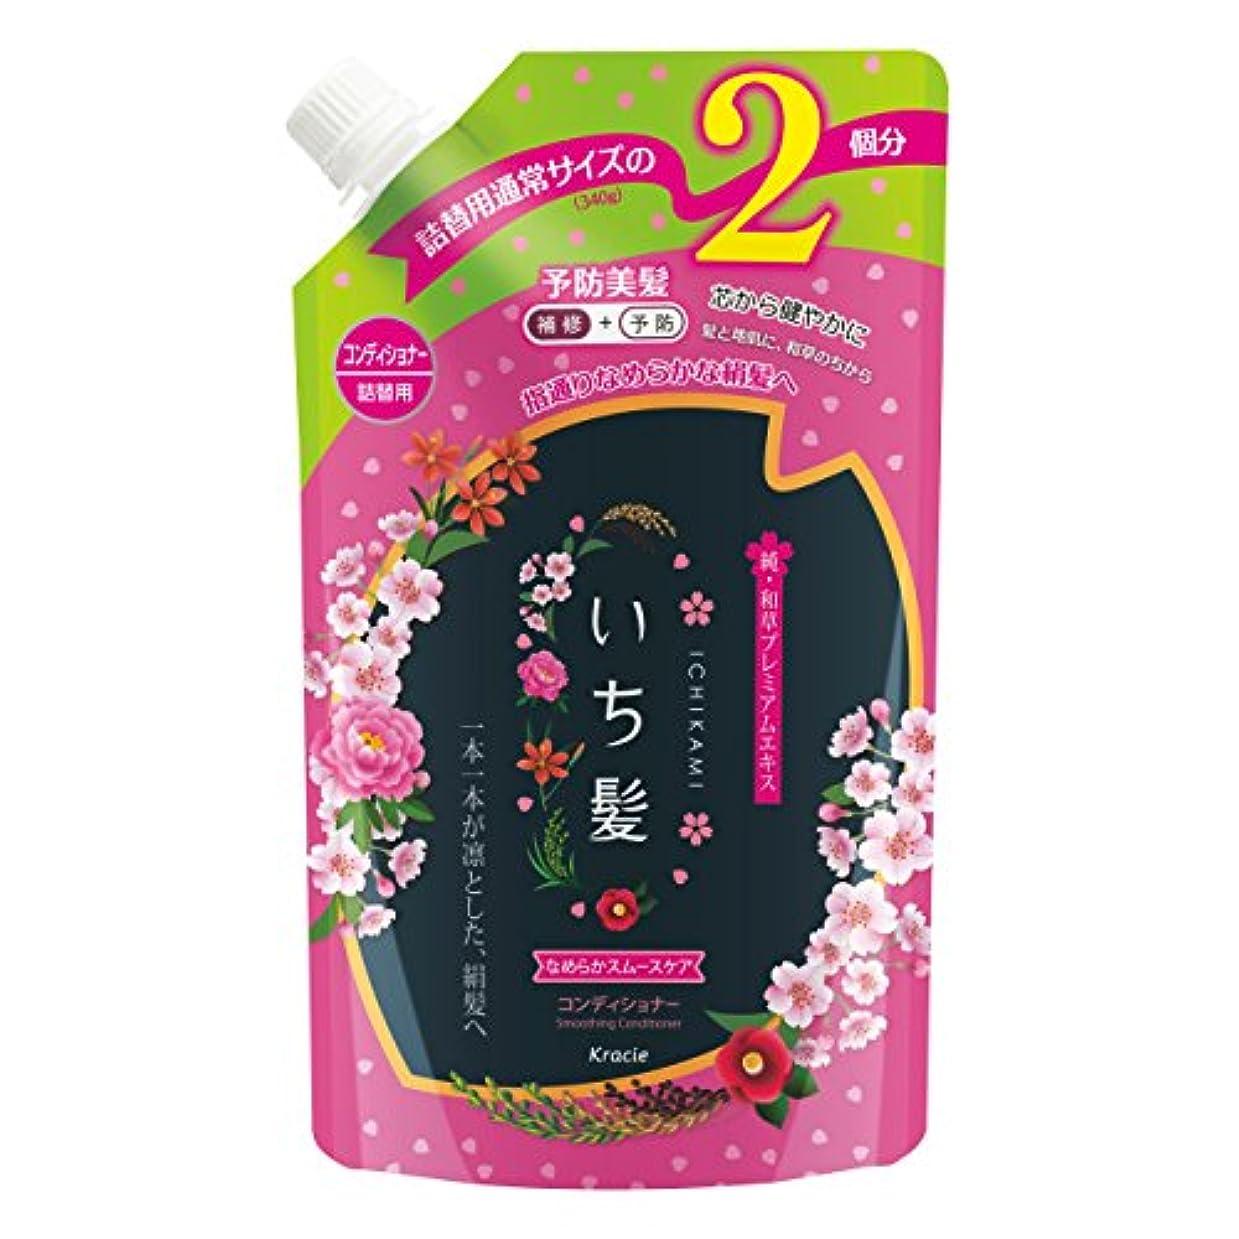 貞カウンタ弓いち髪 なめらかスムースケア コンディショナー 詰替用2回分 680g